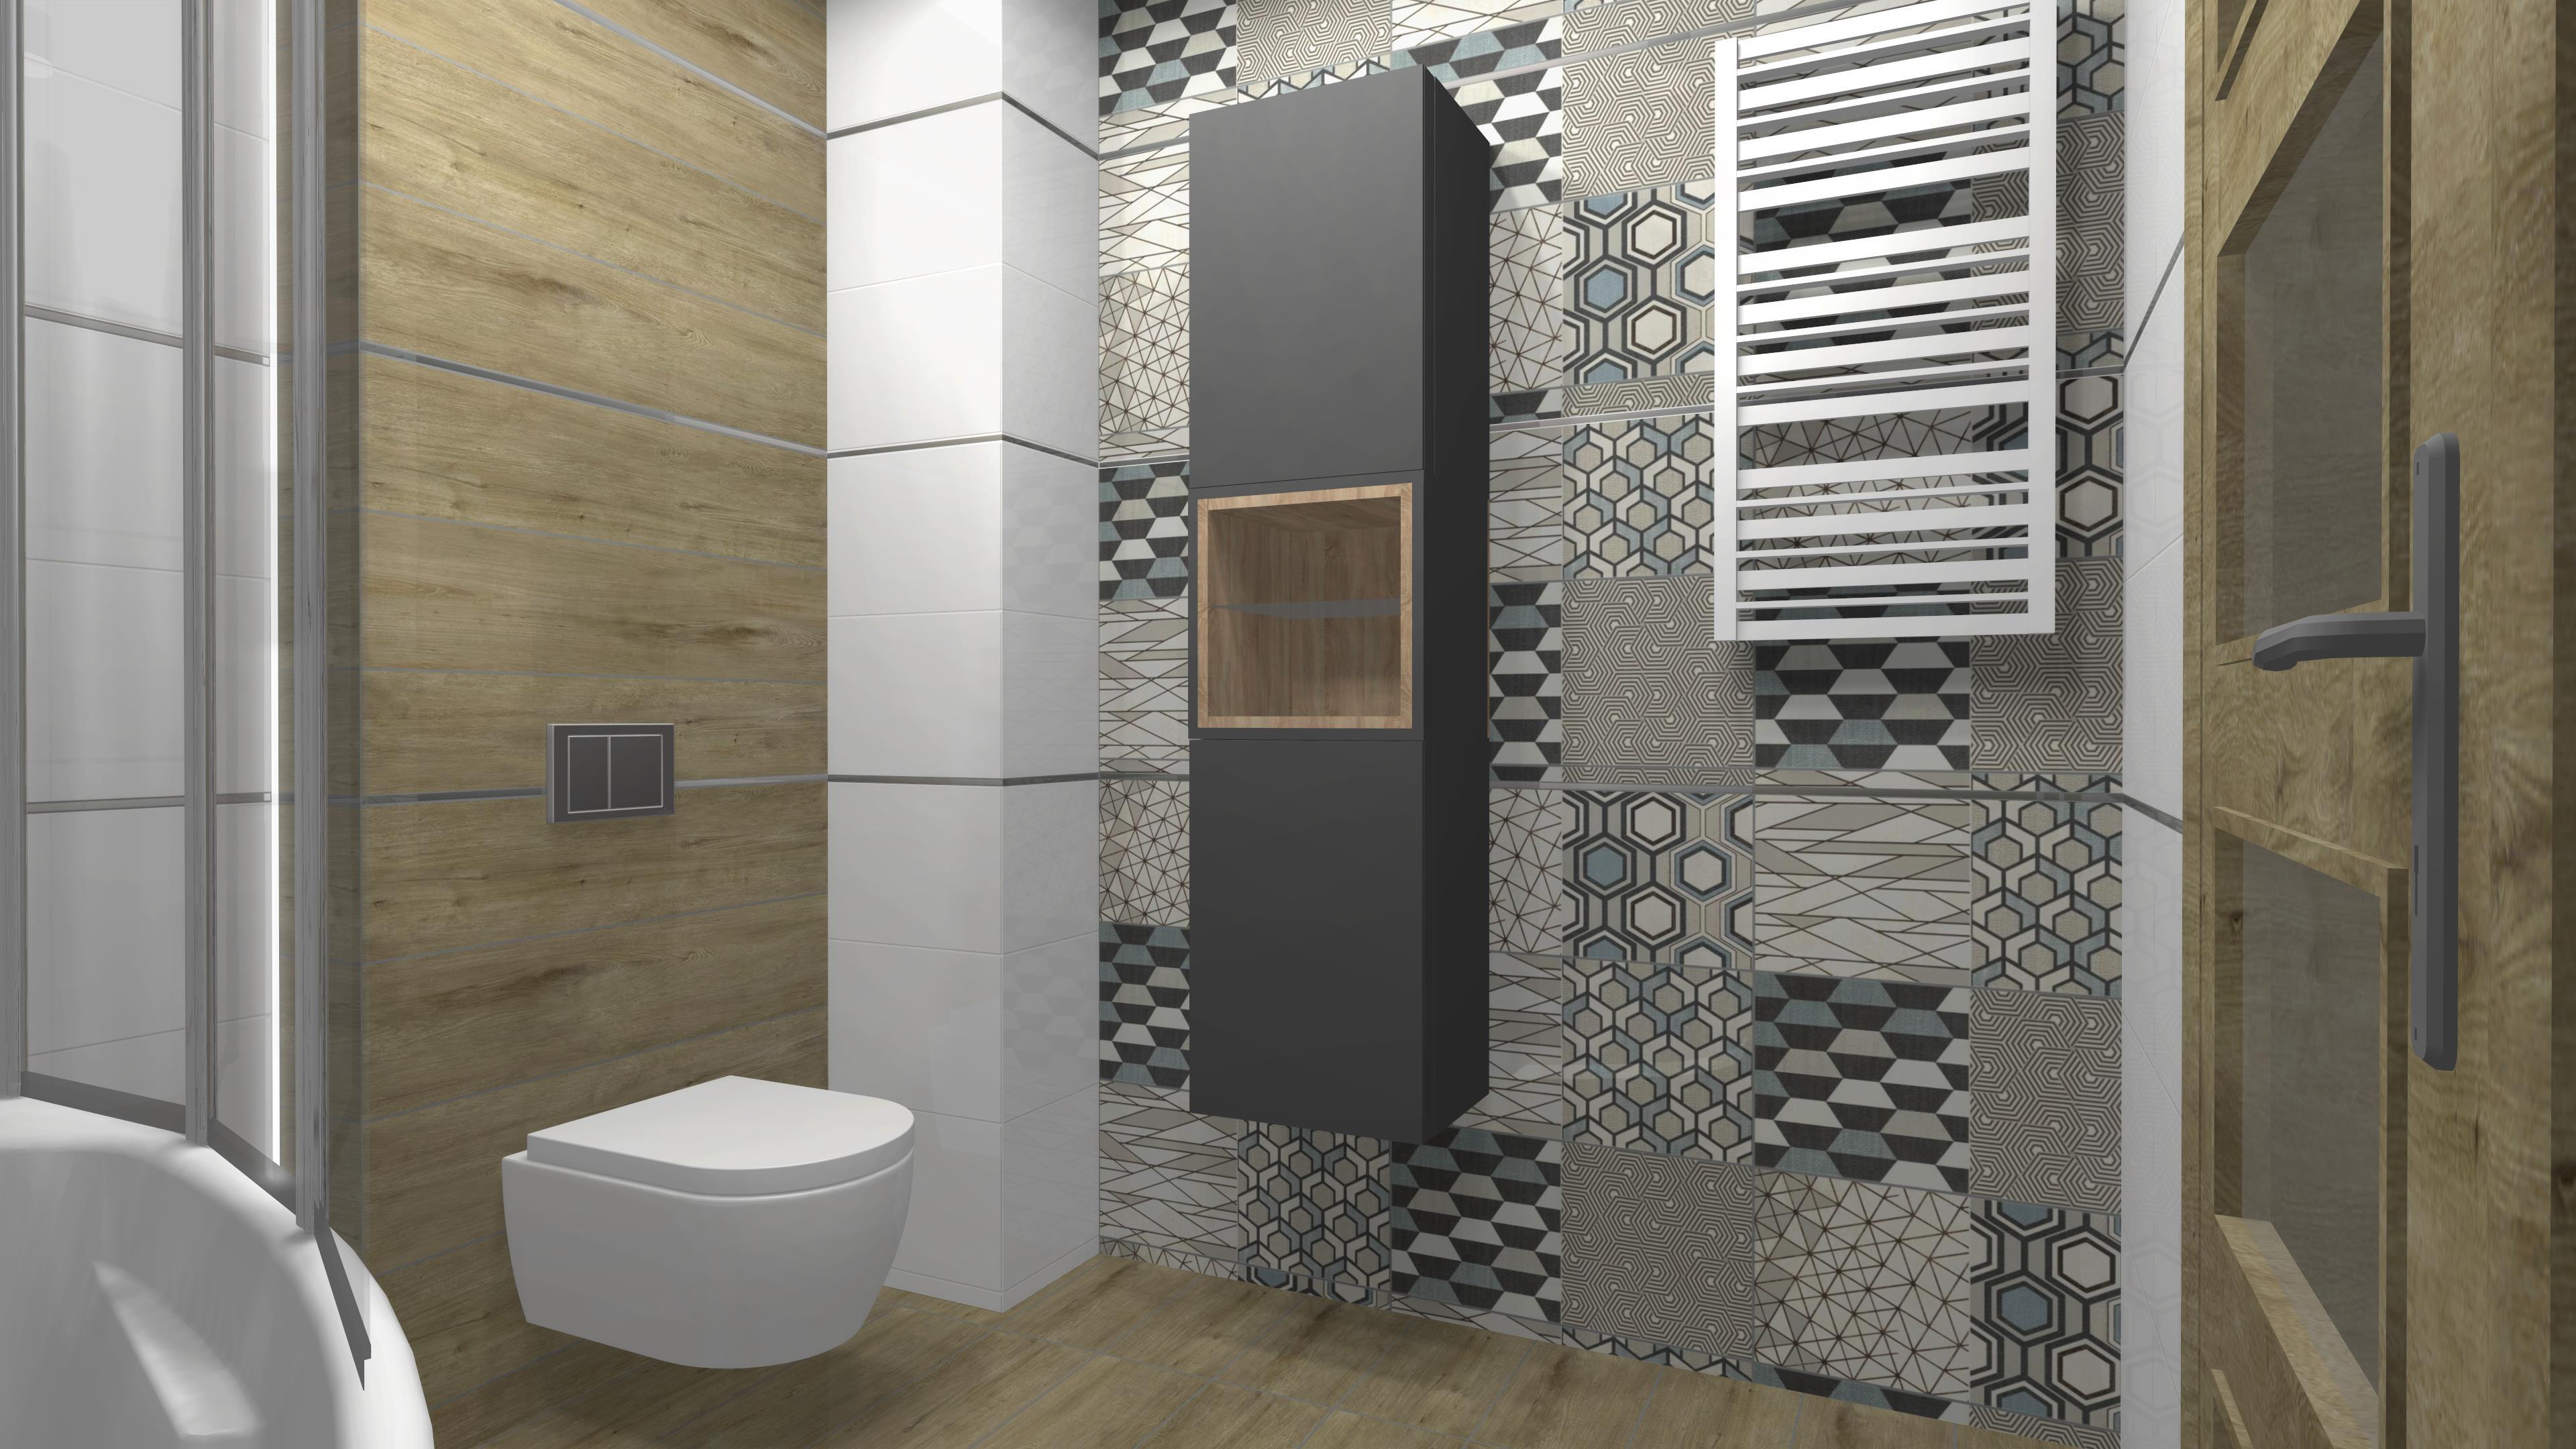 Mimidesign Art House By Agnieszka Mierzejewska Zielona